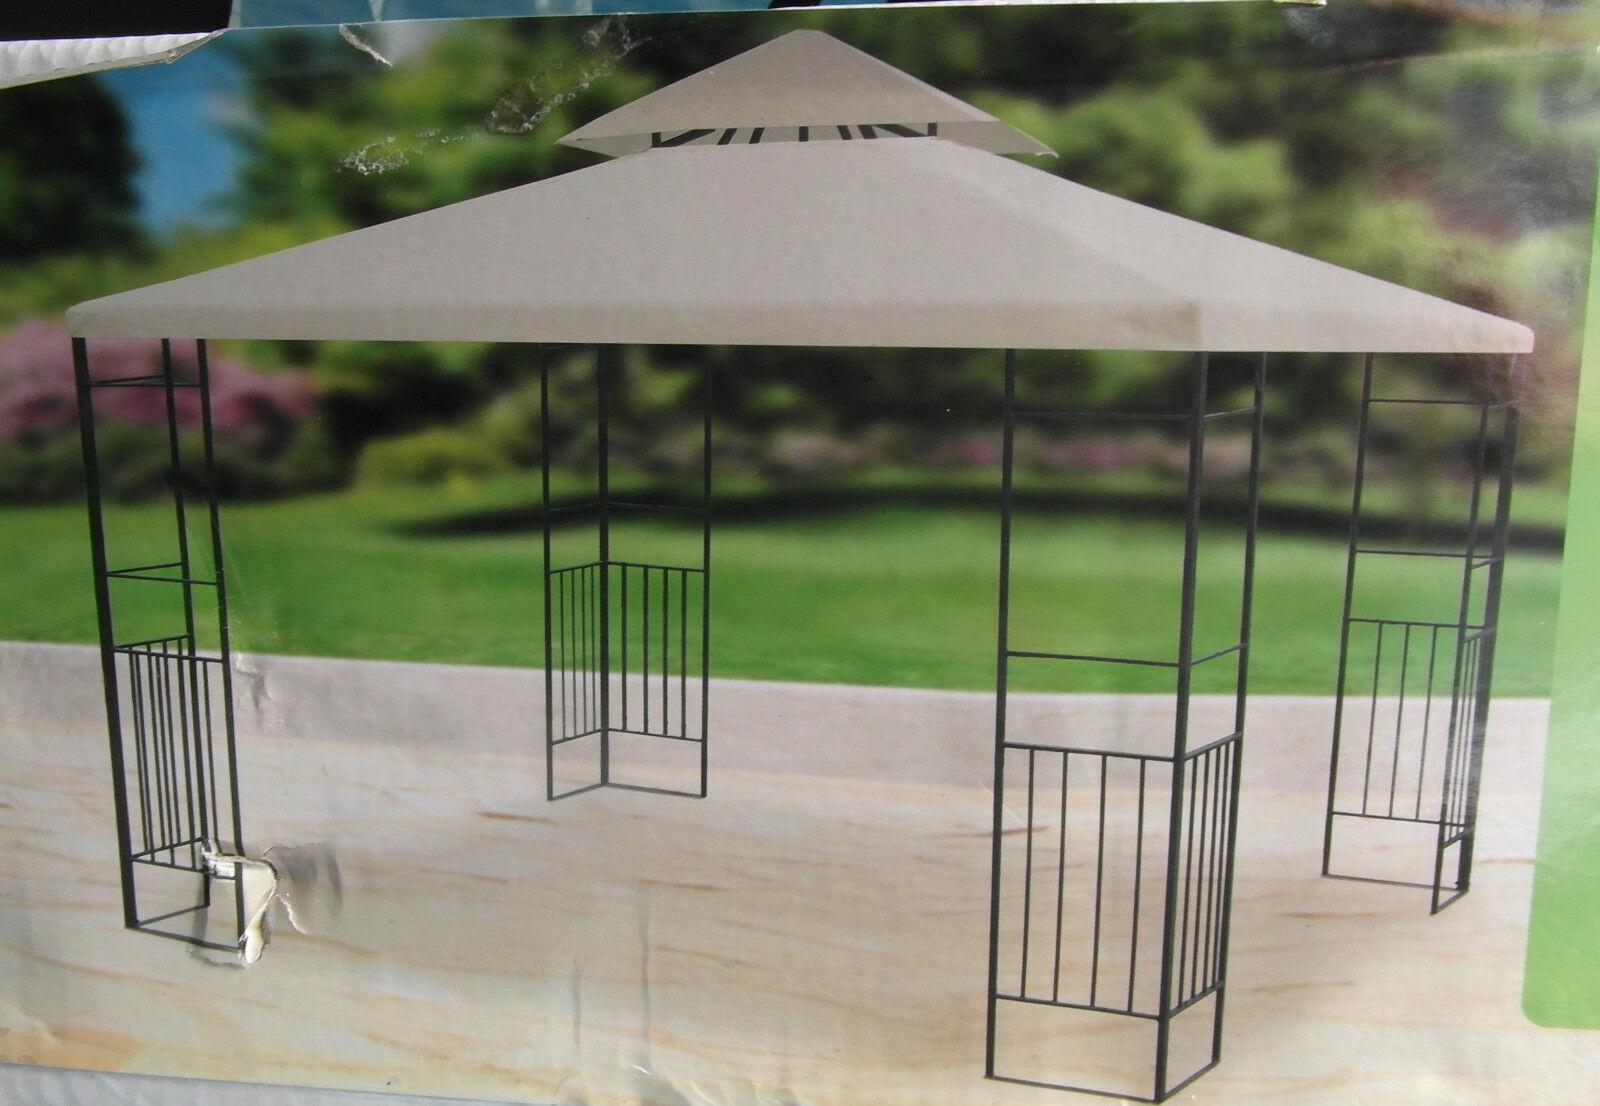 Metall garten pavillon mit haubenl ftung metall pavillon neu ovp ebay - Garten mit pavillon ...